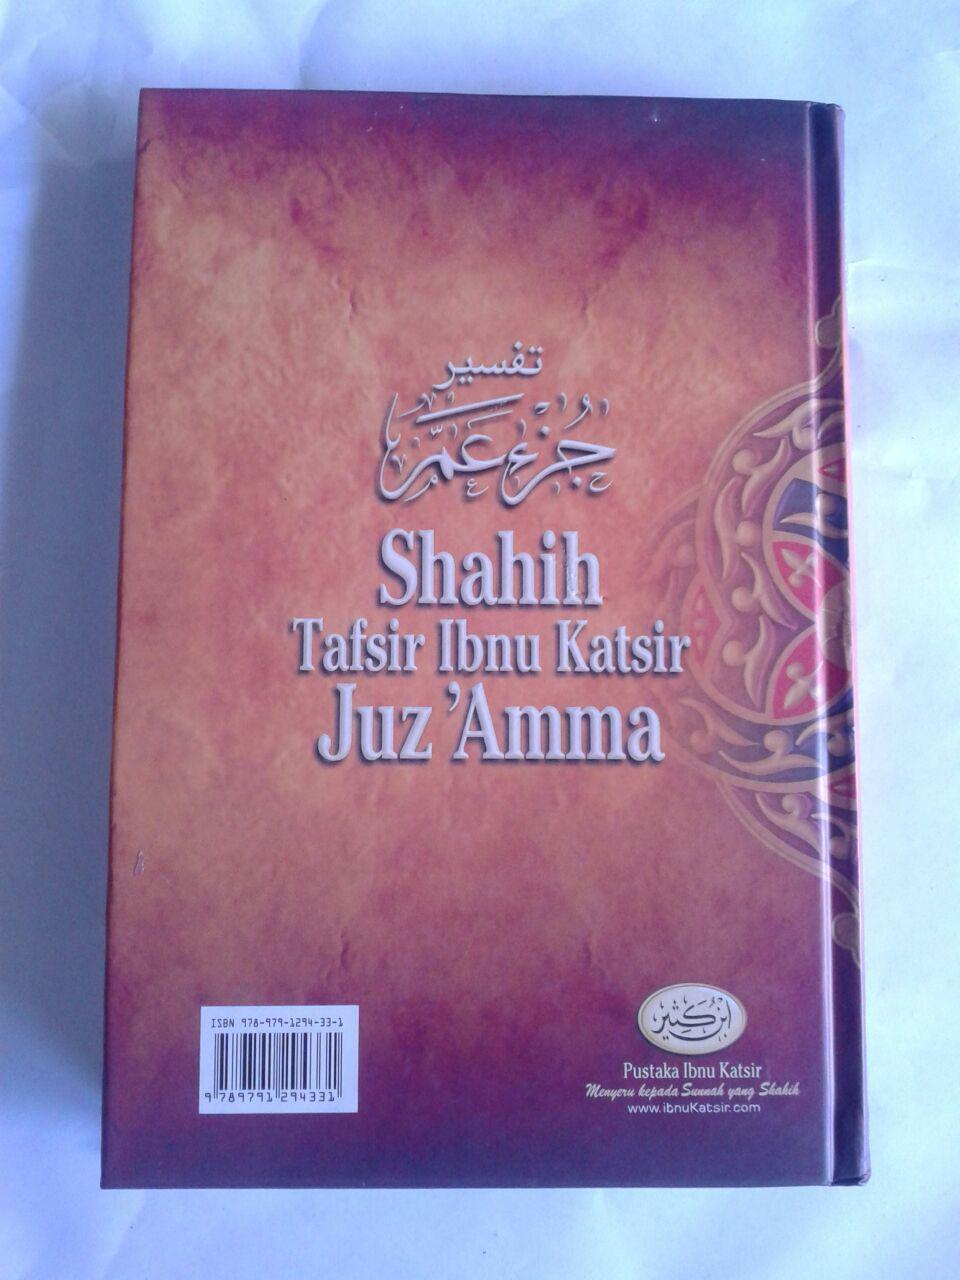 Juz Amma Dan Terjemahan Merah Daftar Harga Terkini Terlengkap Perdana Axis Acak Jez Buku Shahih Tafsir Ibnu Katsir Cover 2